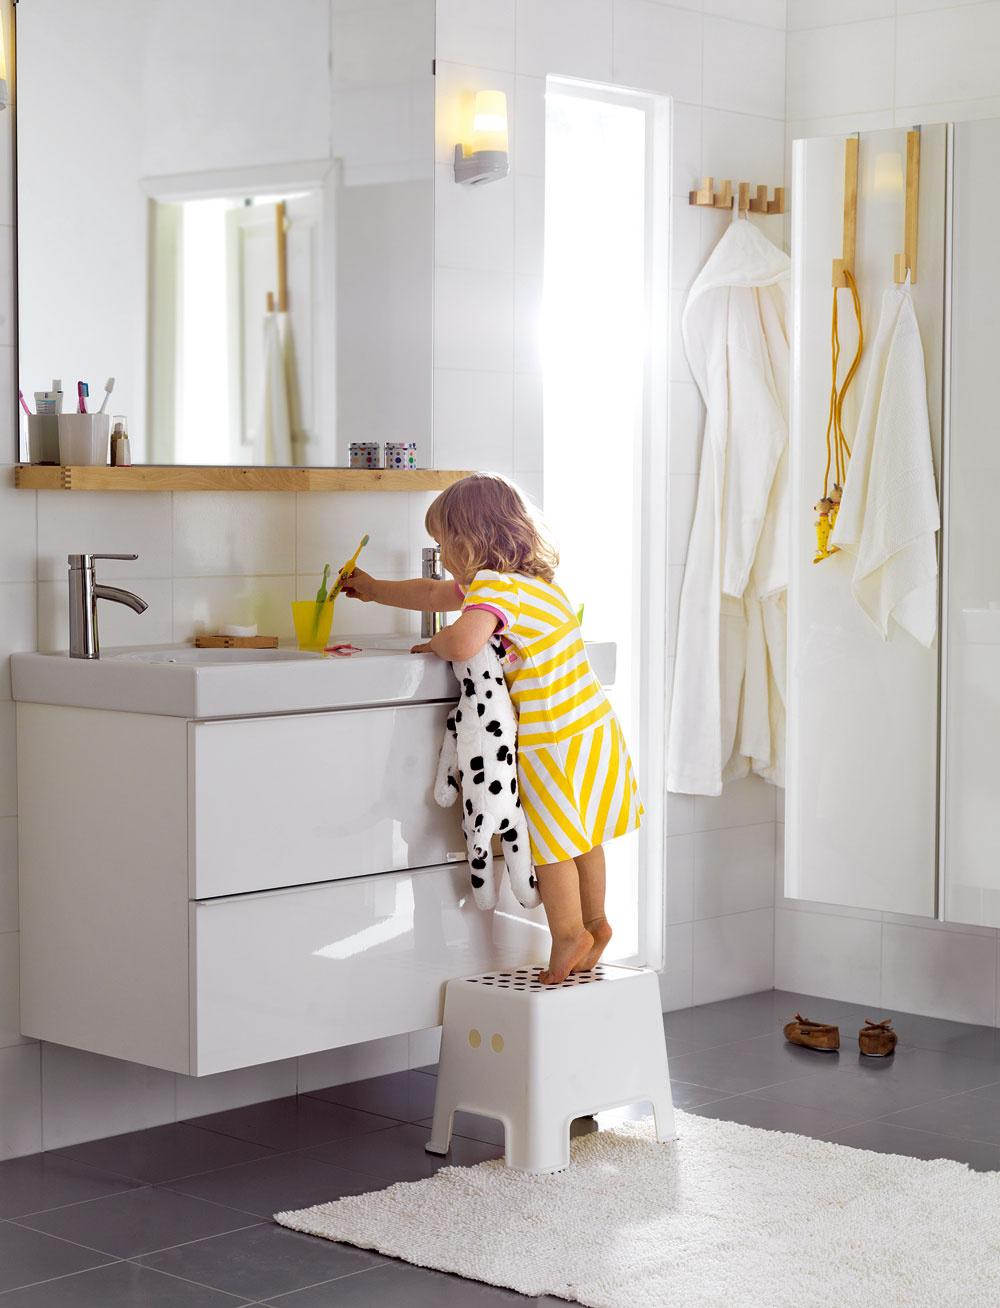 Stupienok pri umývadle je praktický pomocník, ktorý uľahčí deťom cestu k samostatnosti v základnej hygiene. Musí byť stabilný a jeho povrch by nemal byť šmykľavý.